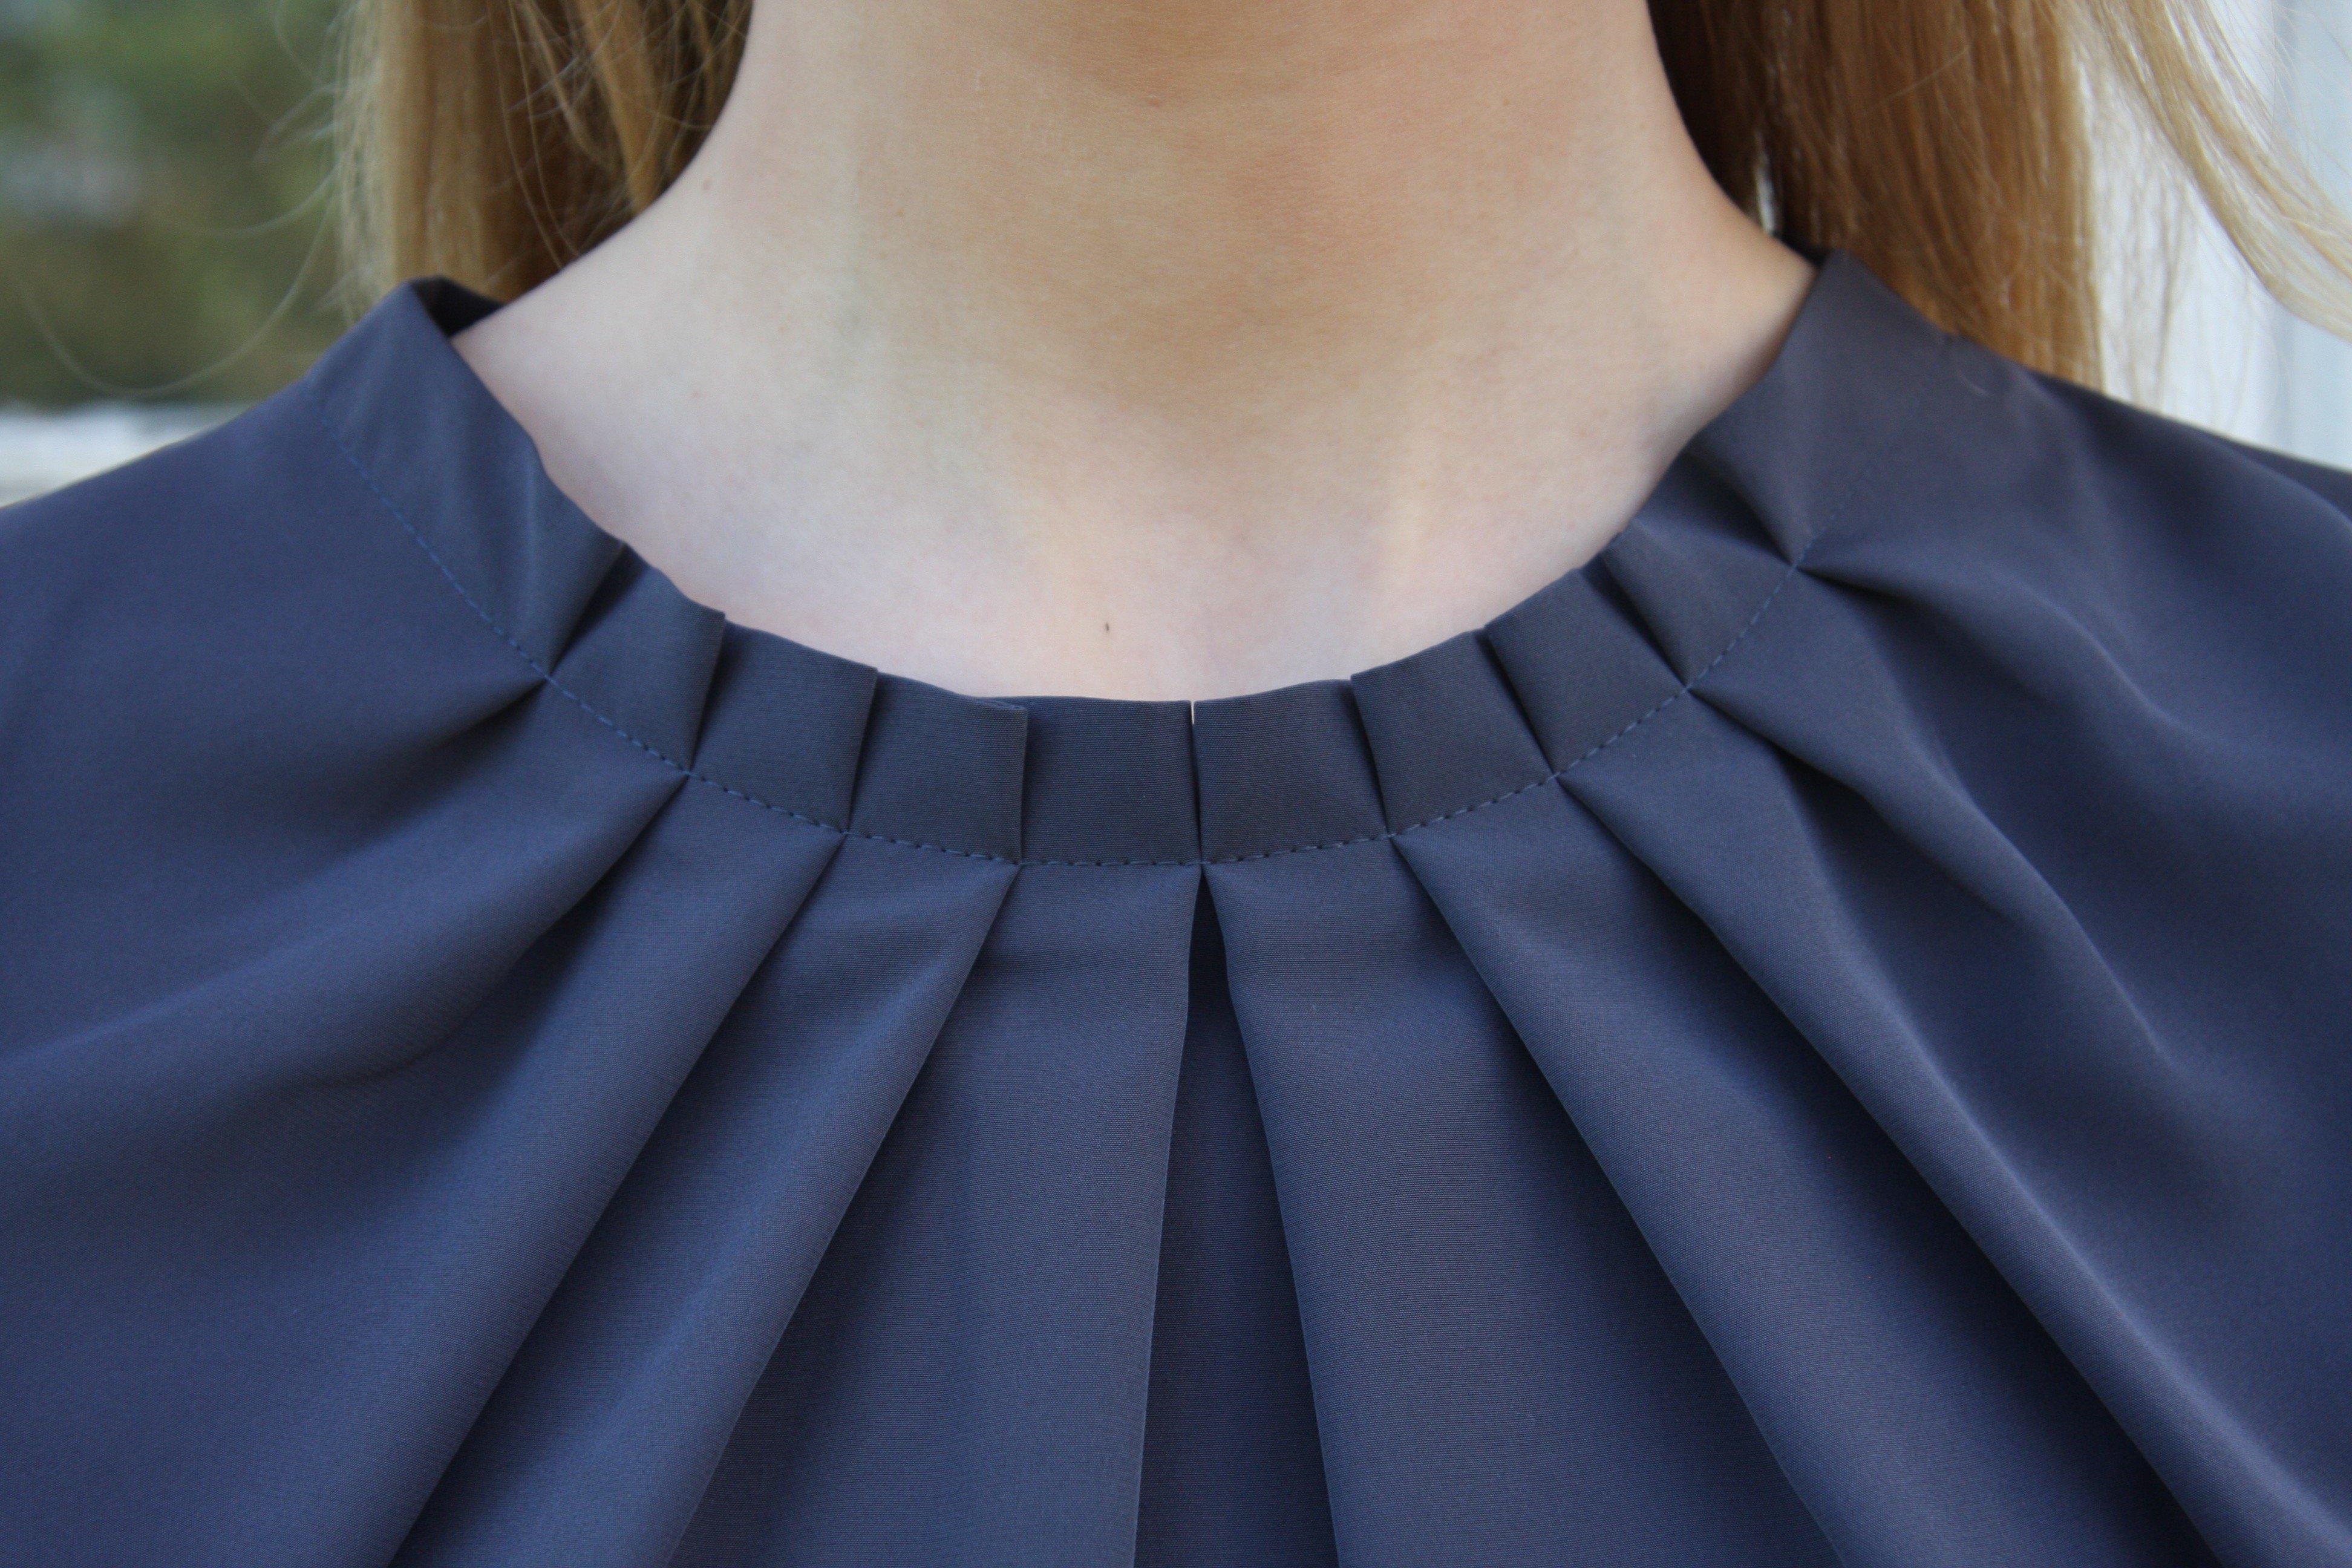 Blus/topp Pauline gråblå med vacker plisserad krage. Bild på krage framifrån.